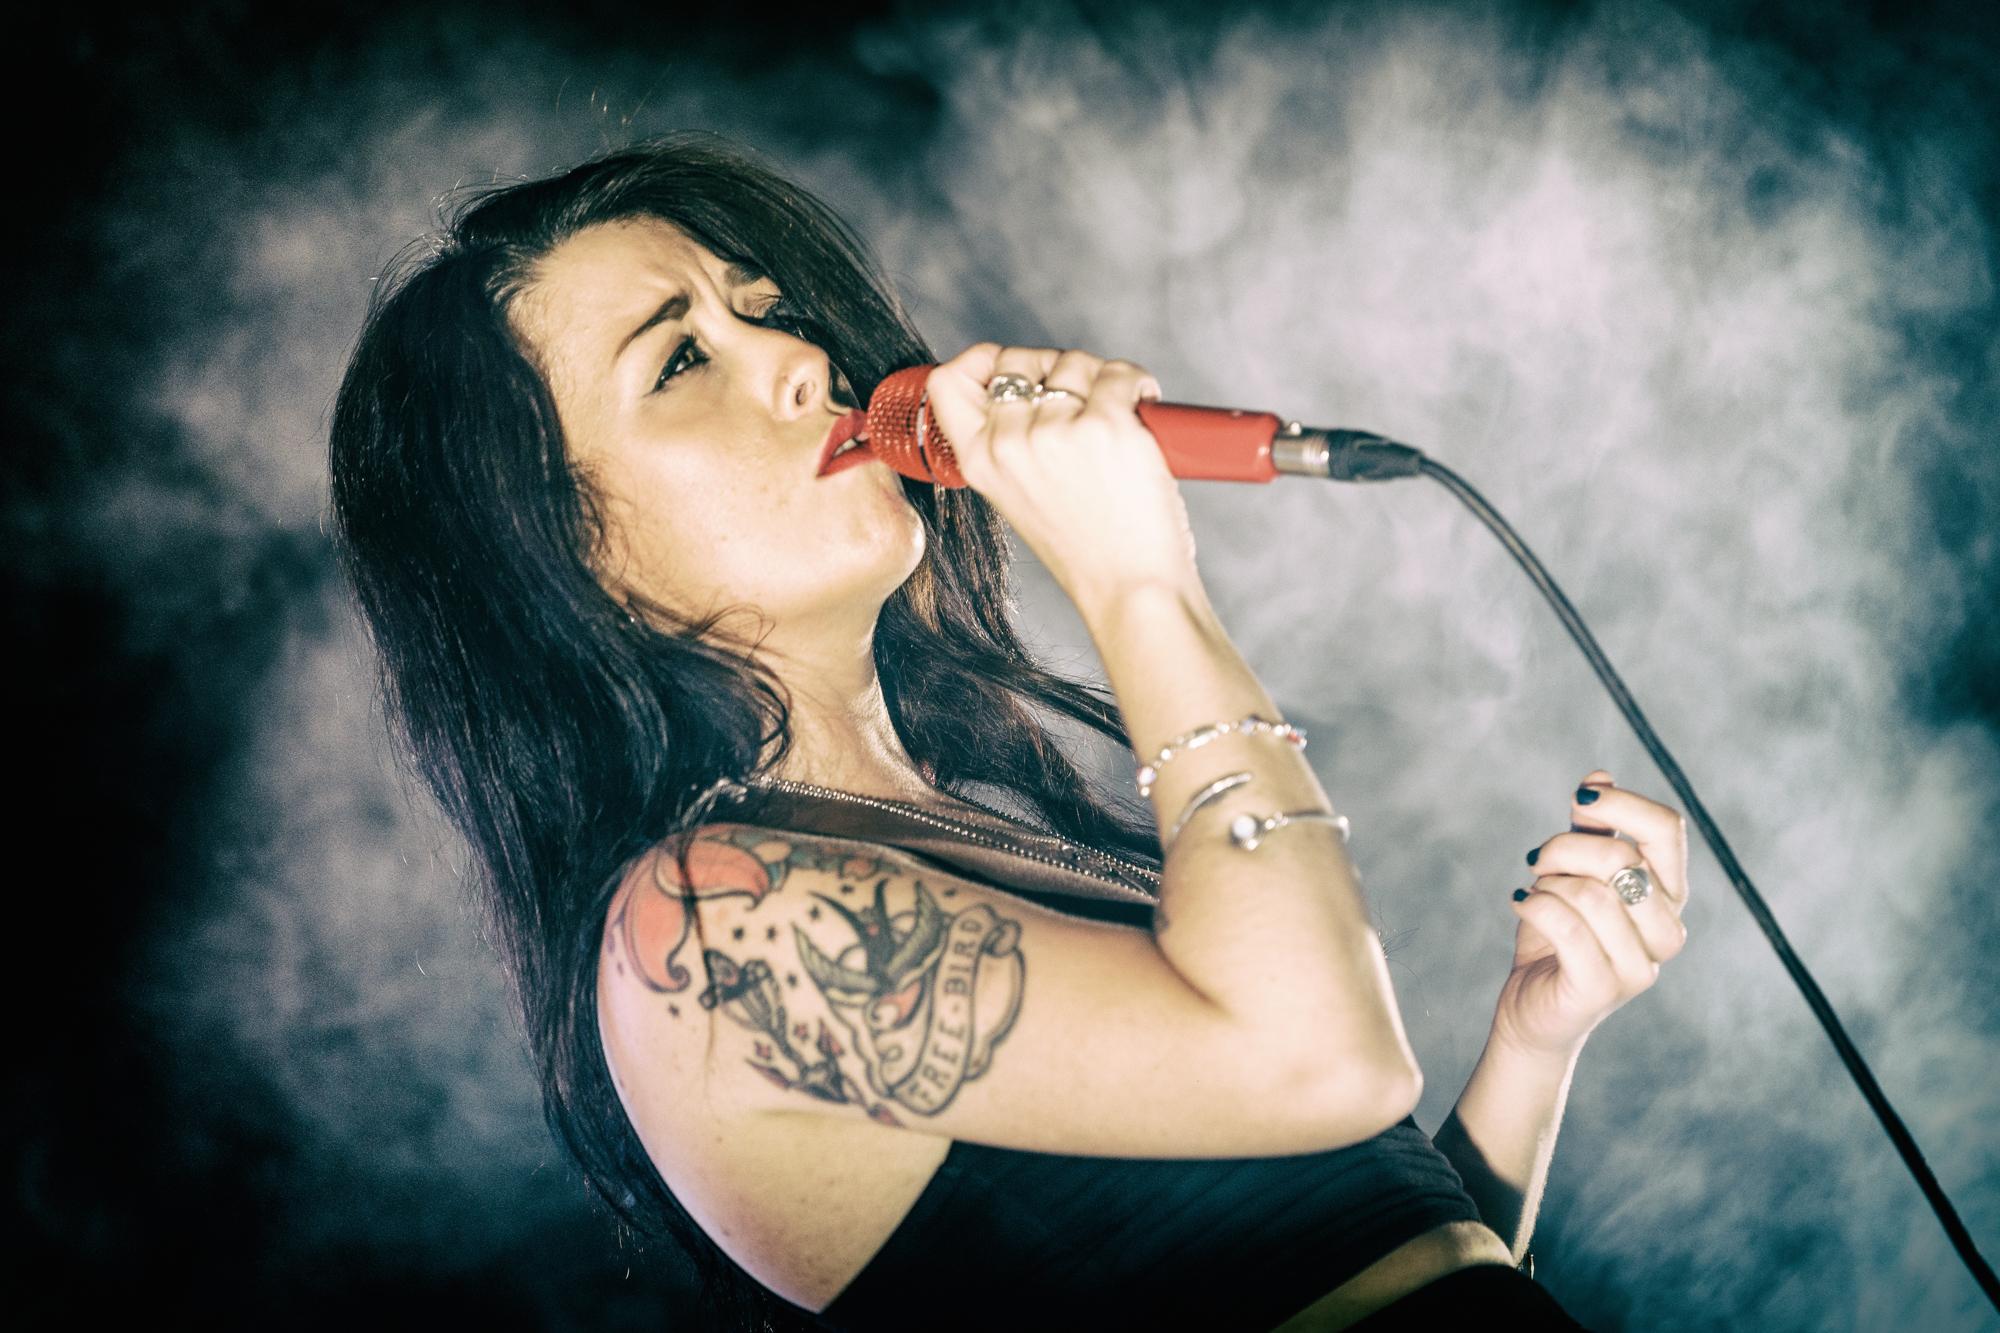 Jodie Cash